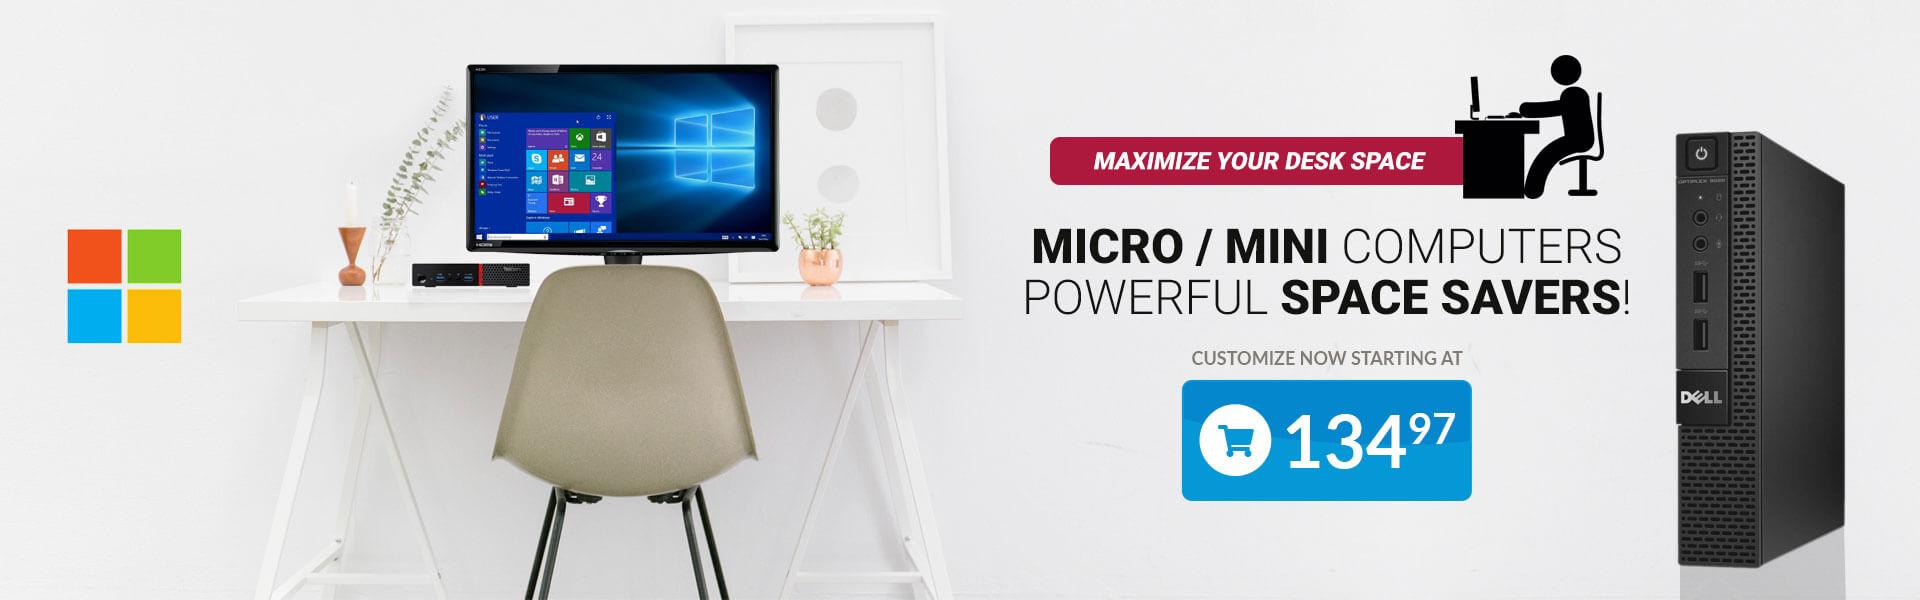 Customize Powerful Space Saving PCs!